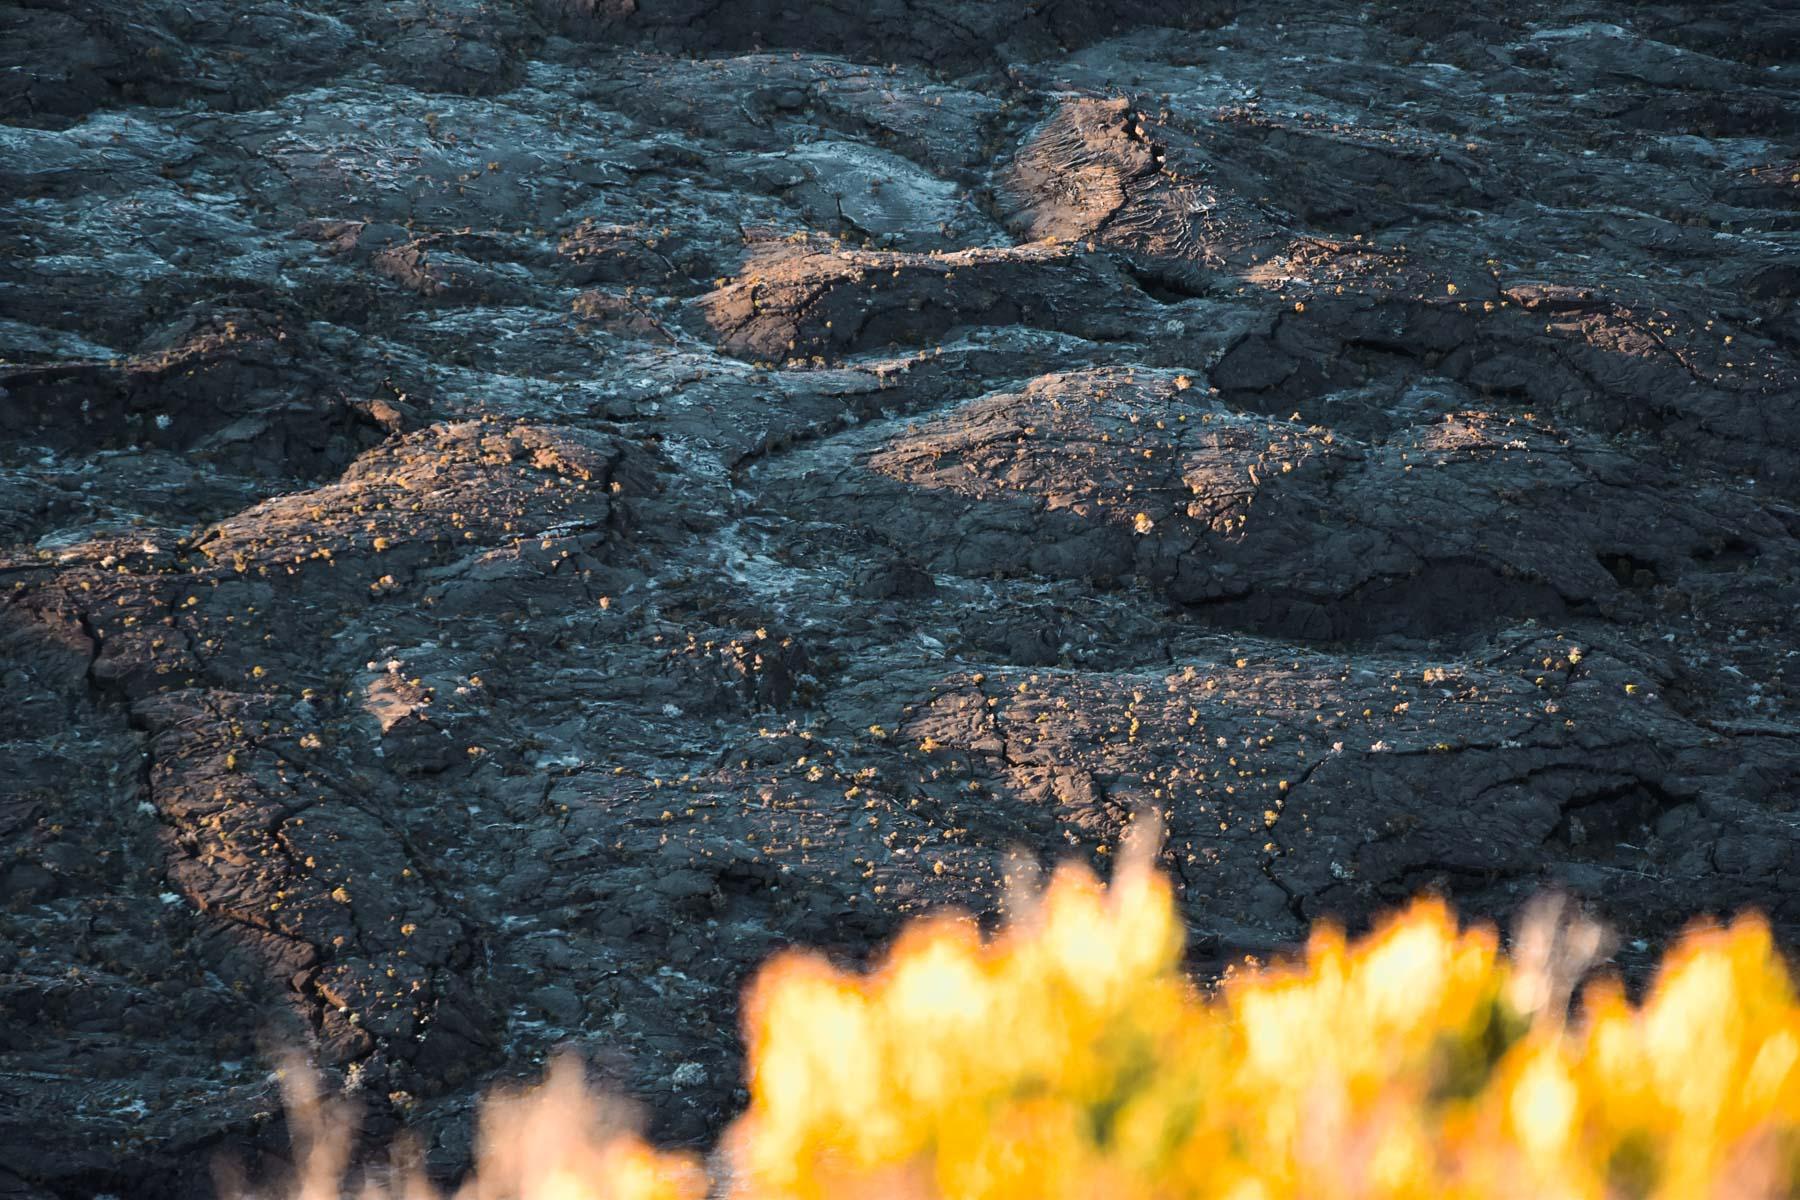 Terre noire du Piton de la Fournaise, La Réunion